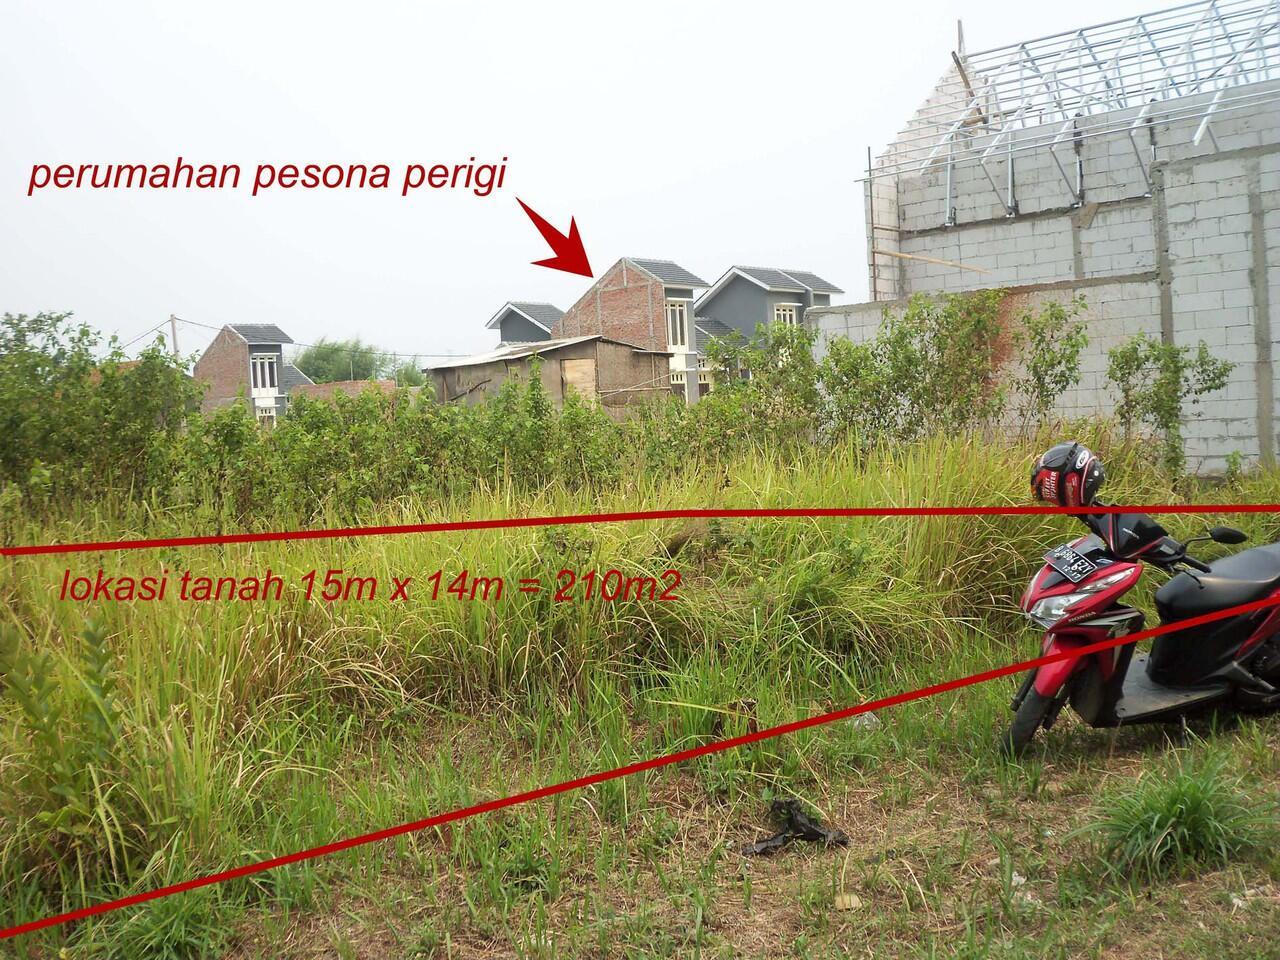 Image Result For Pulsa Murah Di Tanah Pasir